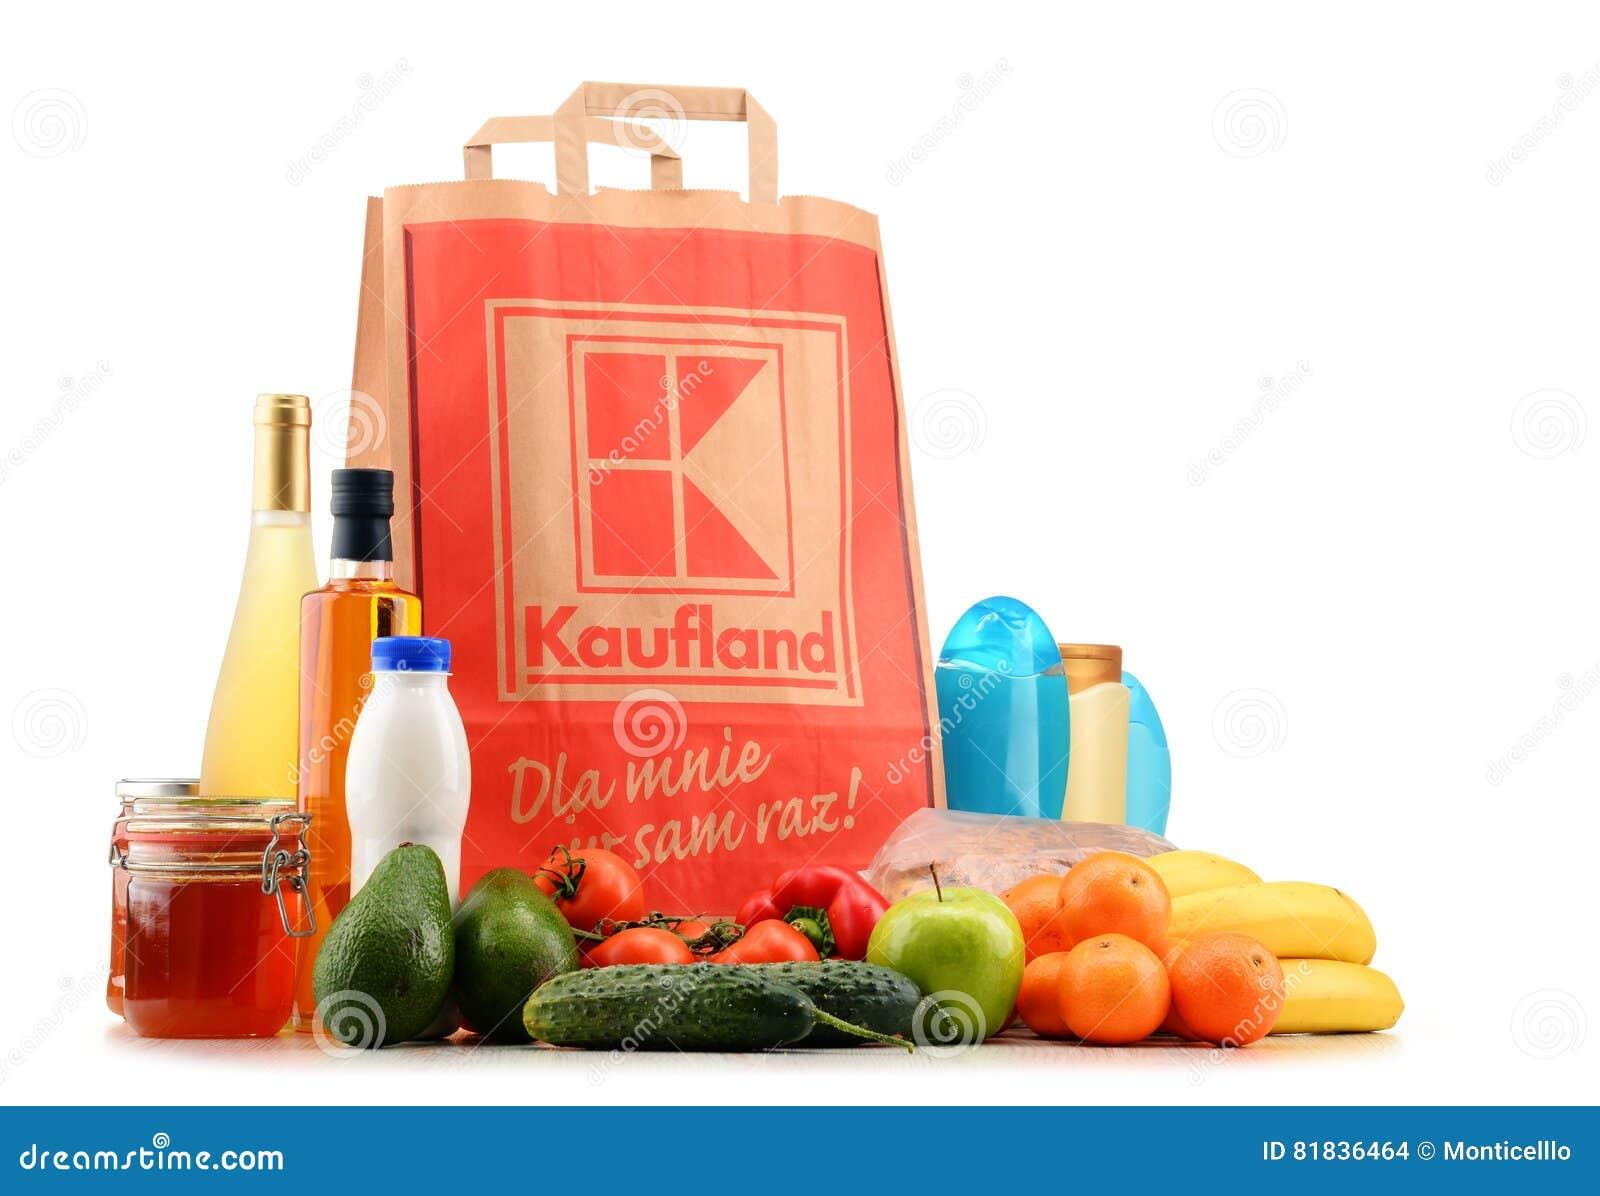 Ursprüngliche Kaufland-Papiereinkaufstasche Und -produkte ...